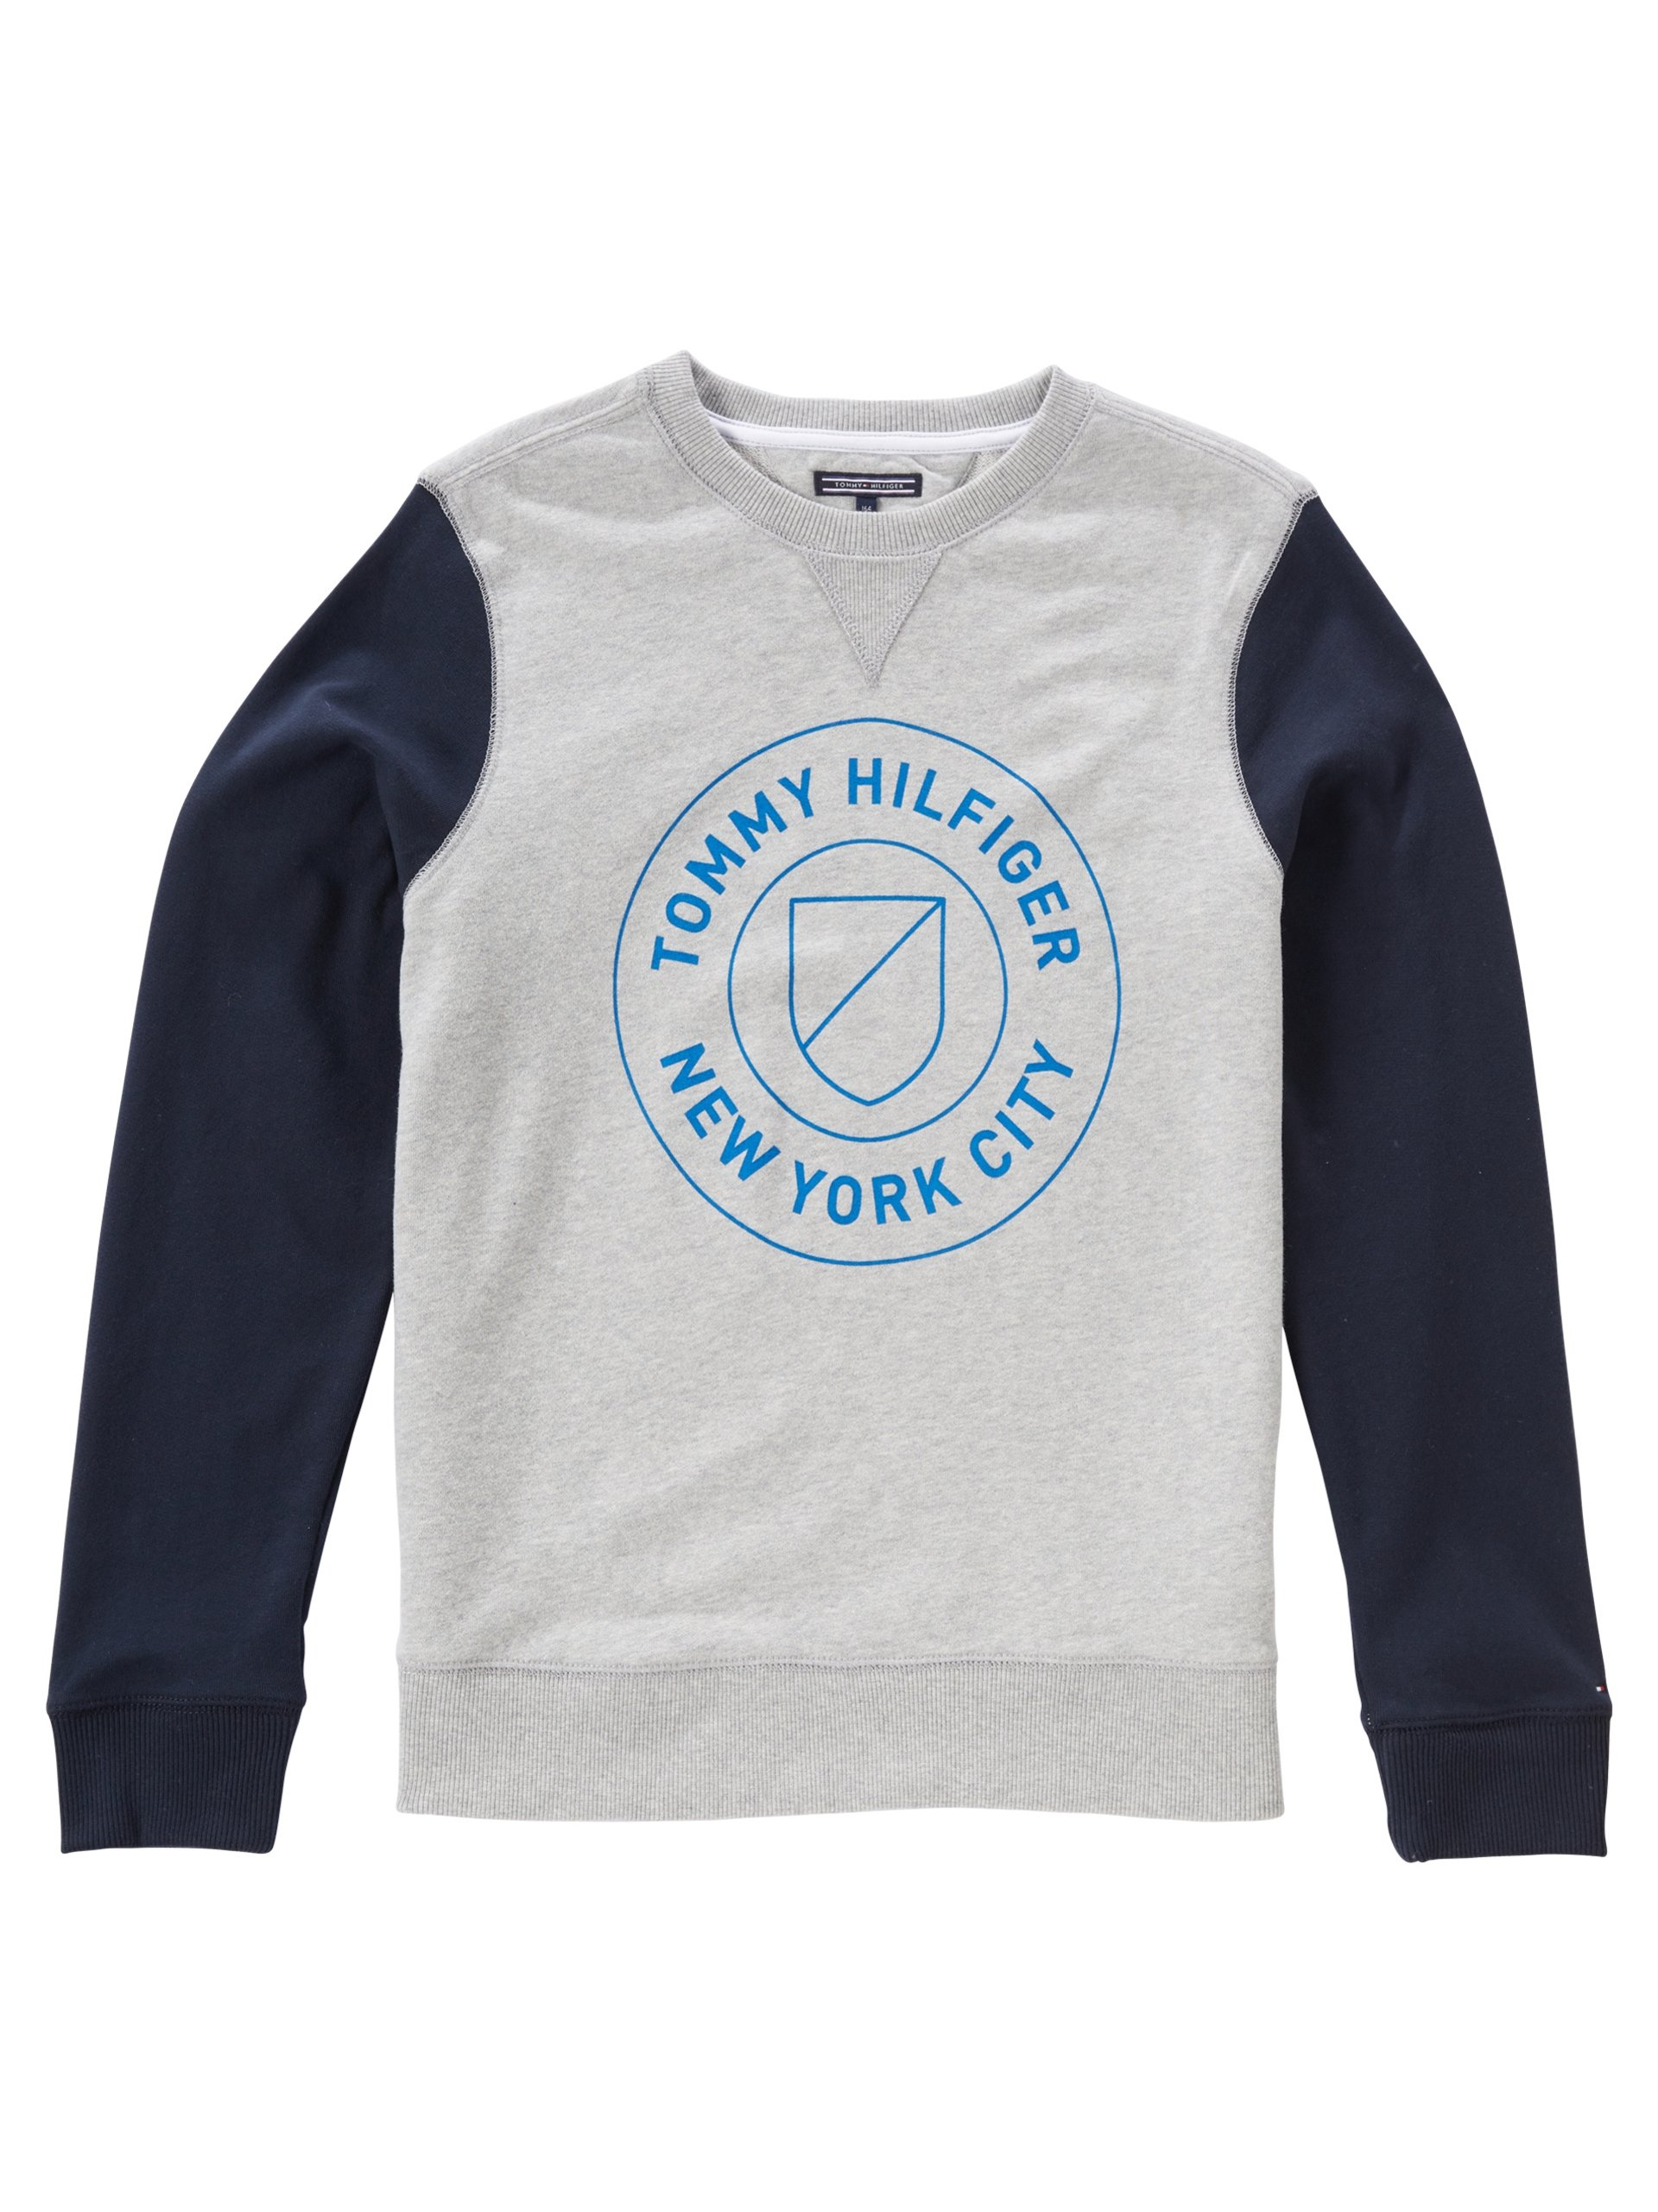 Tommy Hilfiger Jungen Sweatshirt - Ame